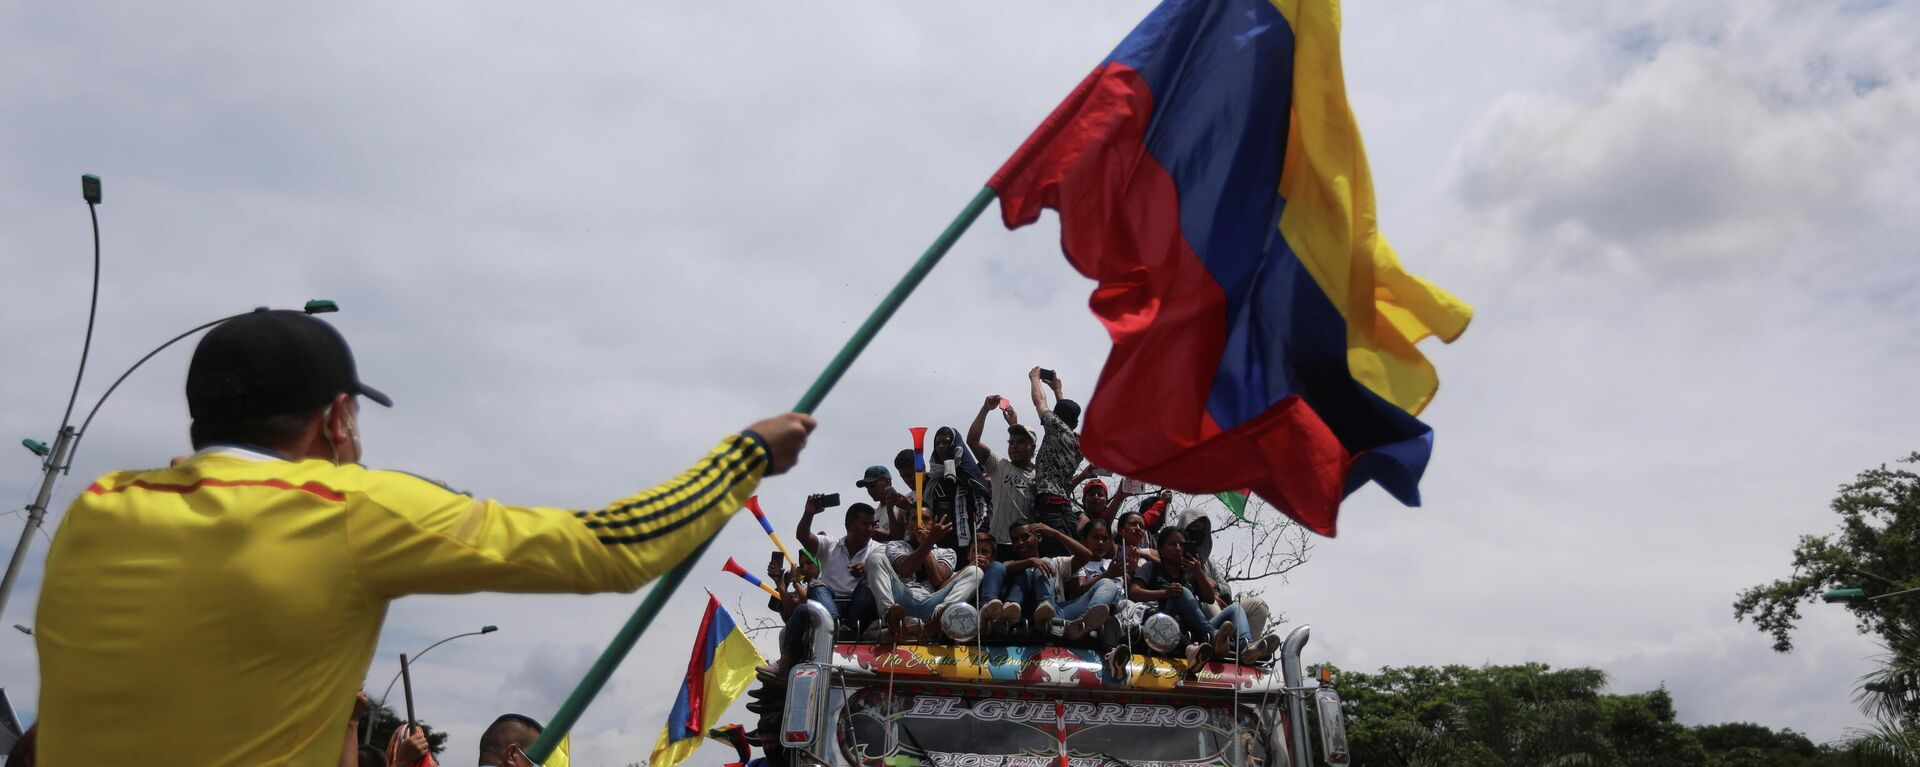 Indígenas colombianos protestando en Cali, Colombia - Sputnik Mundo, 1920, 14.05.2021